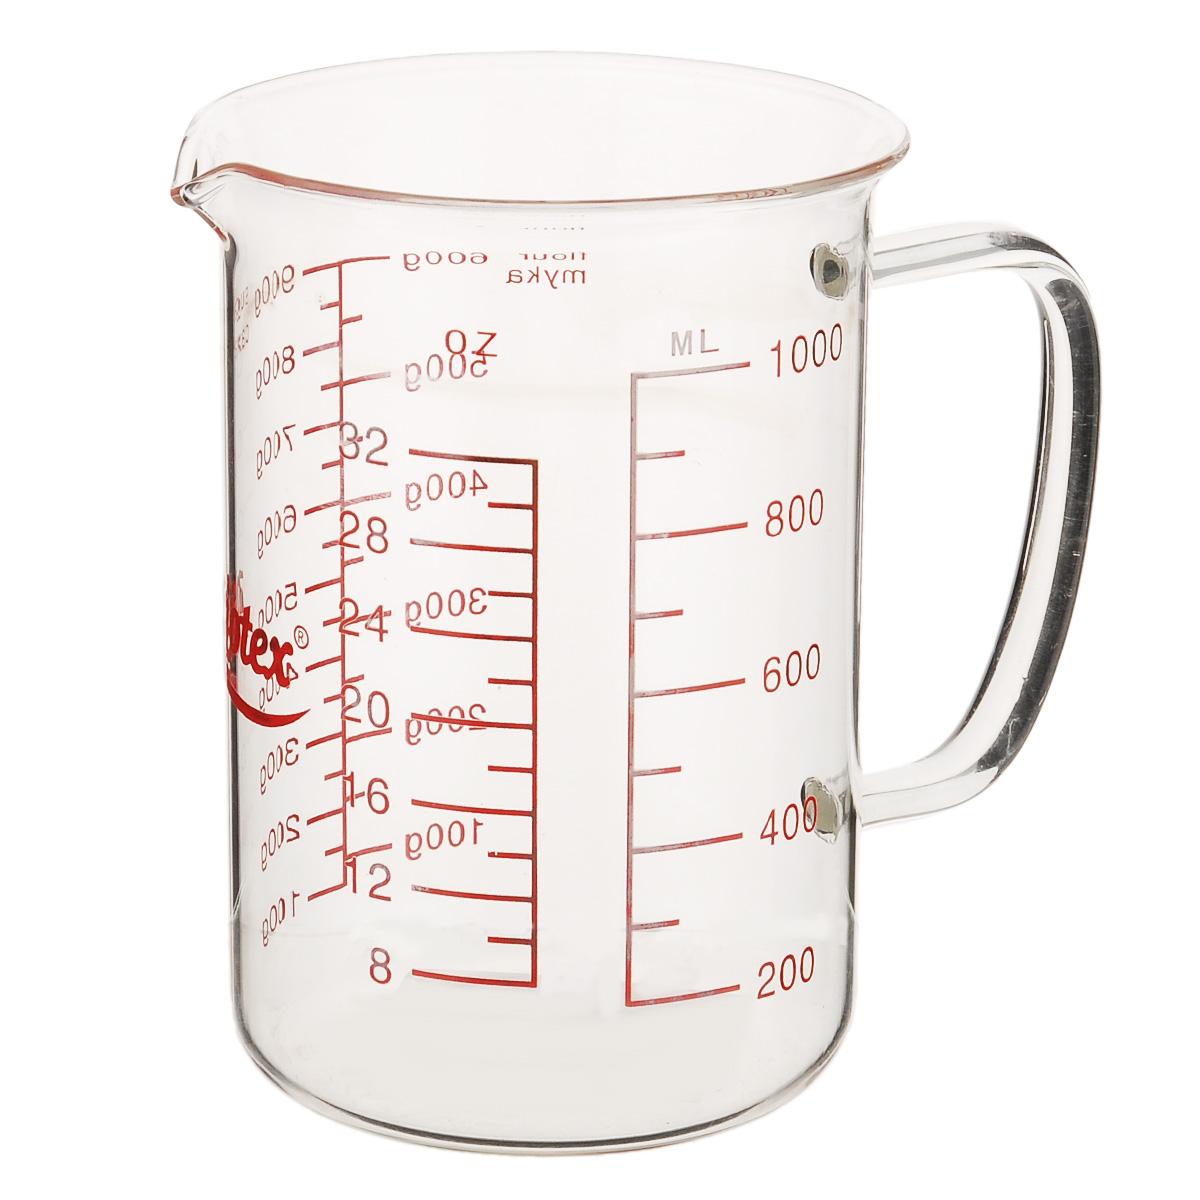 Стакан мерный Mijotex, 1 лMC18Мерный прозрачный стакан Mijotex выполнен из высококачественного стекла. Стакан оснащен удобной ручкой и носиком, которые делают изделие еще более простым в использовании. Он позволяет мерить жидкости до 1000 мл, также есть шкала измерения в унциях (oz). Такой стаканчик пригодится на каждой кухне, ведь зачастую приготовление некоторых блюд требует известной точности. Объем: 1000 мл. Диаметр (по верхнему краю): 11 см. Высота: 15,5 см.